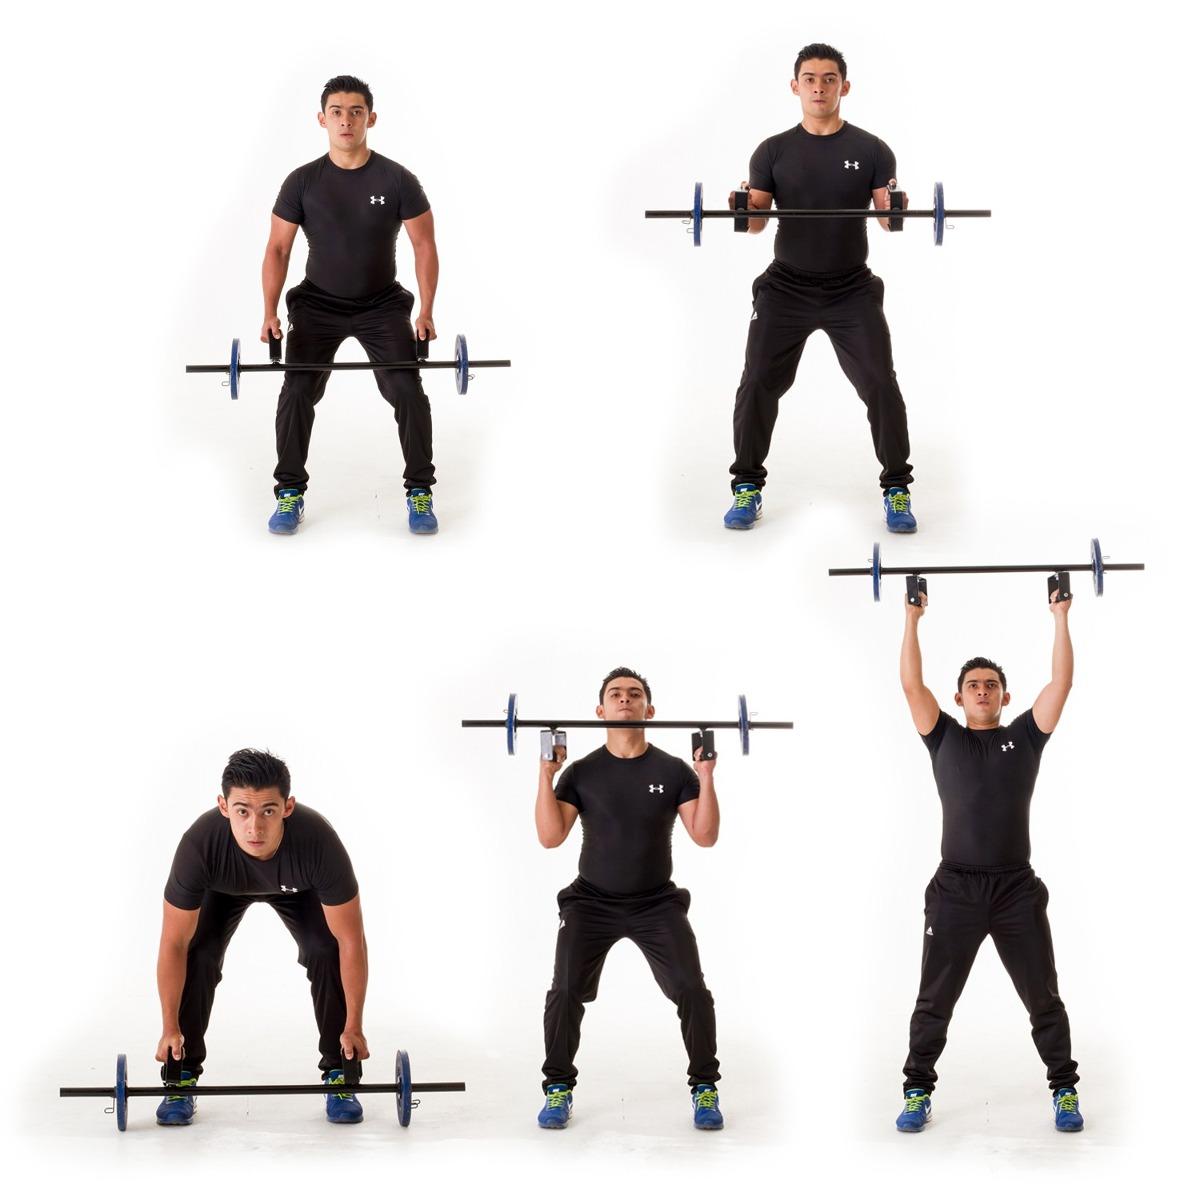 Barra de pesas funcional mas de 20 ejercicios gym en mercado libre - Barras de ejercicio para casa ...